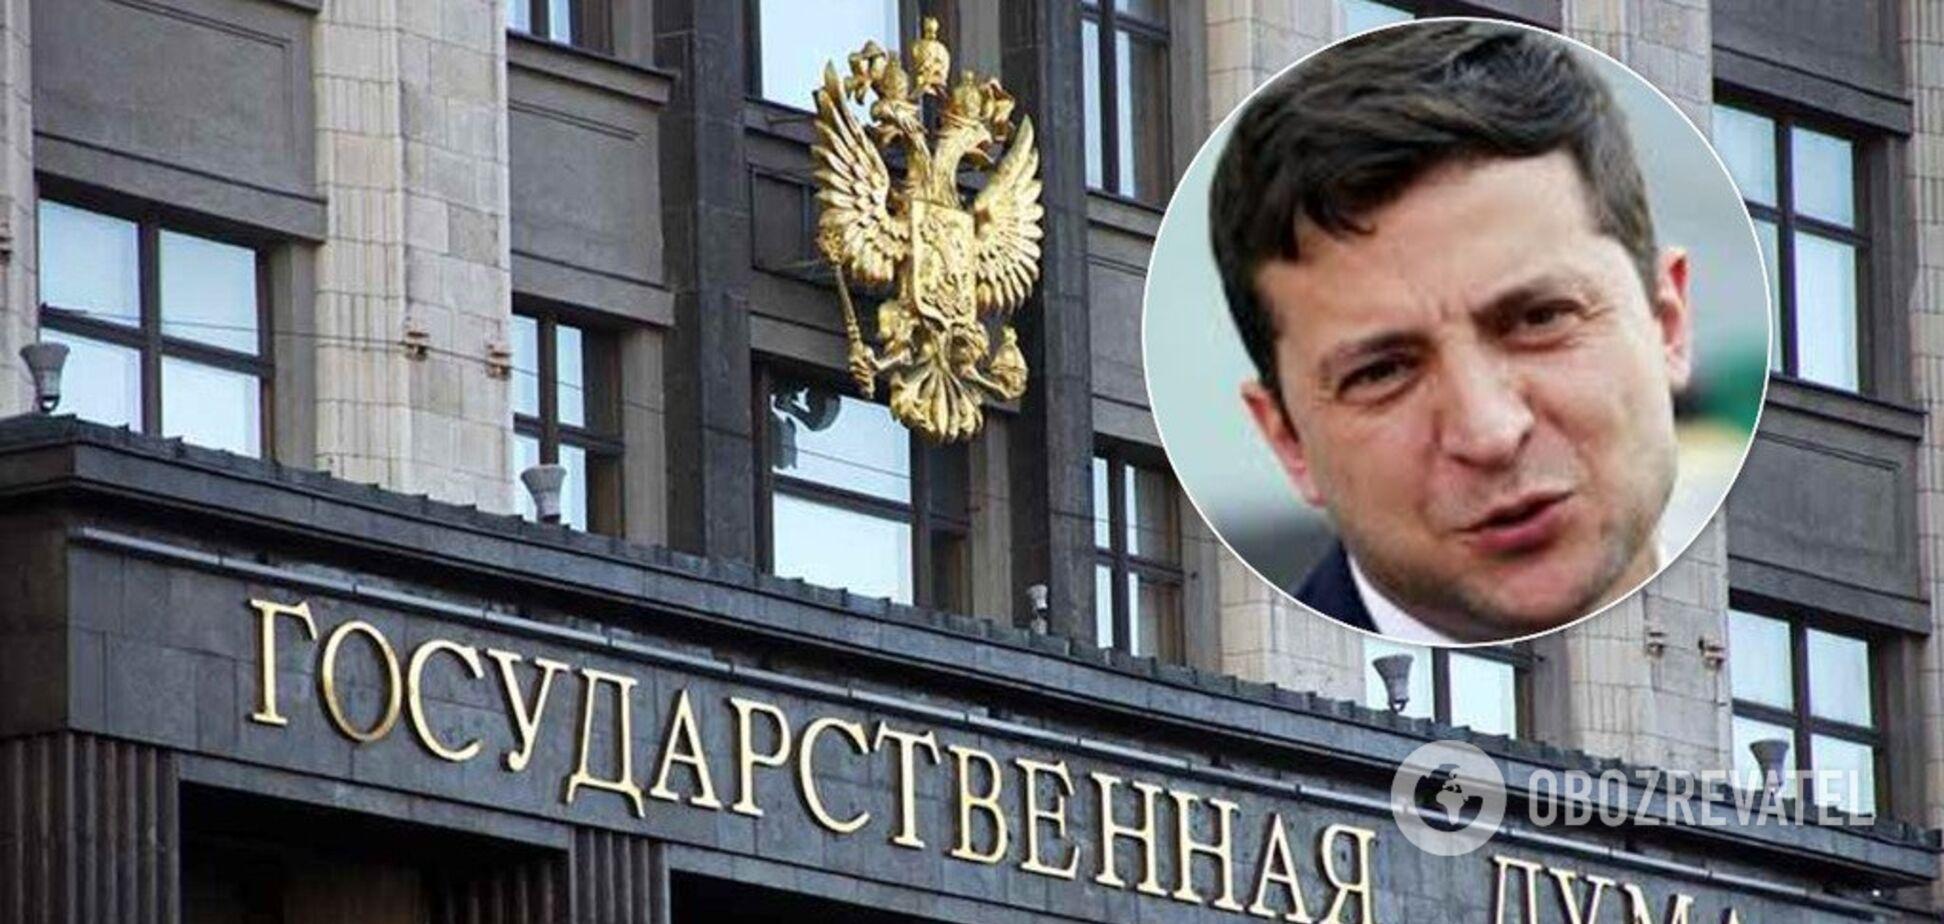 'Це провокація': в Держдумі нервово оцінили указ Зеленського щодо громадянства